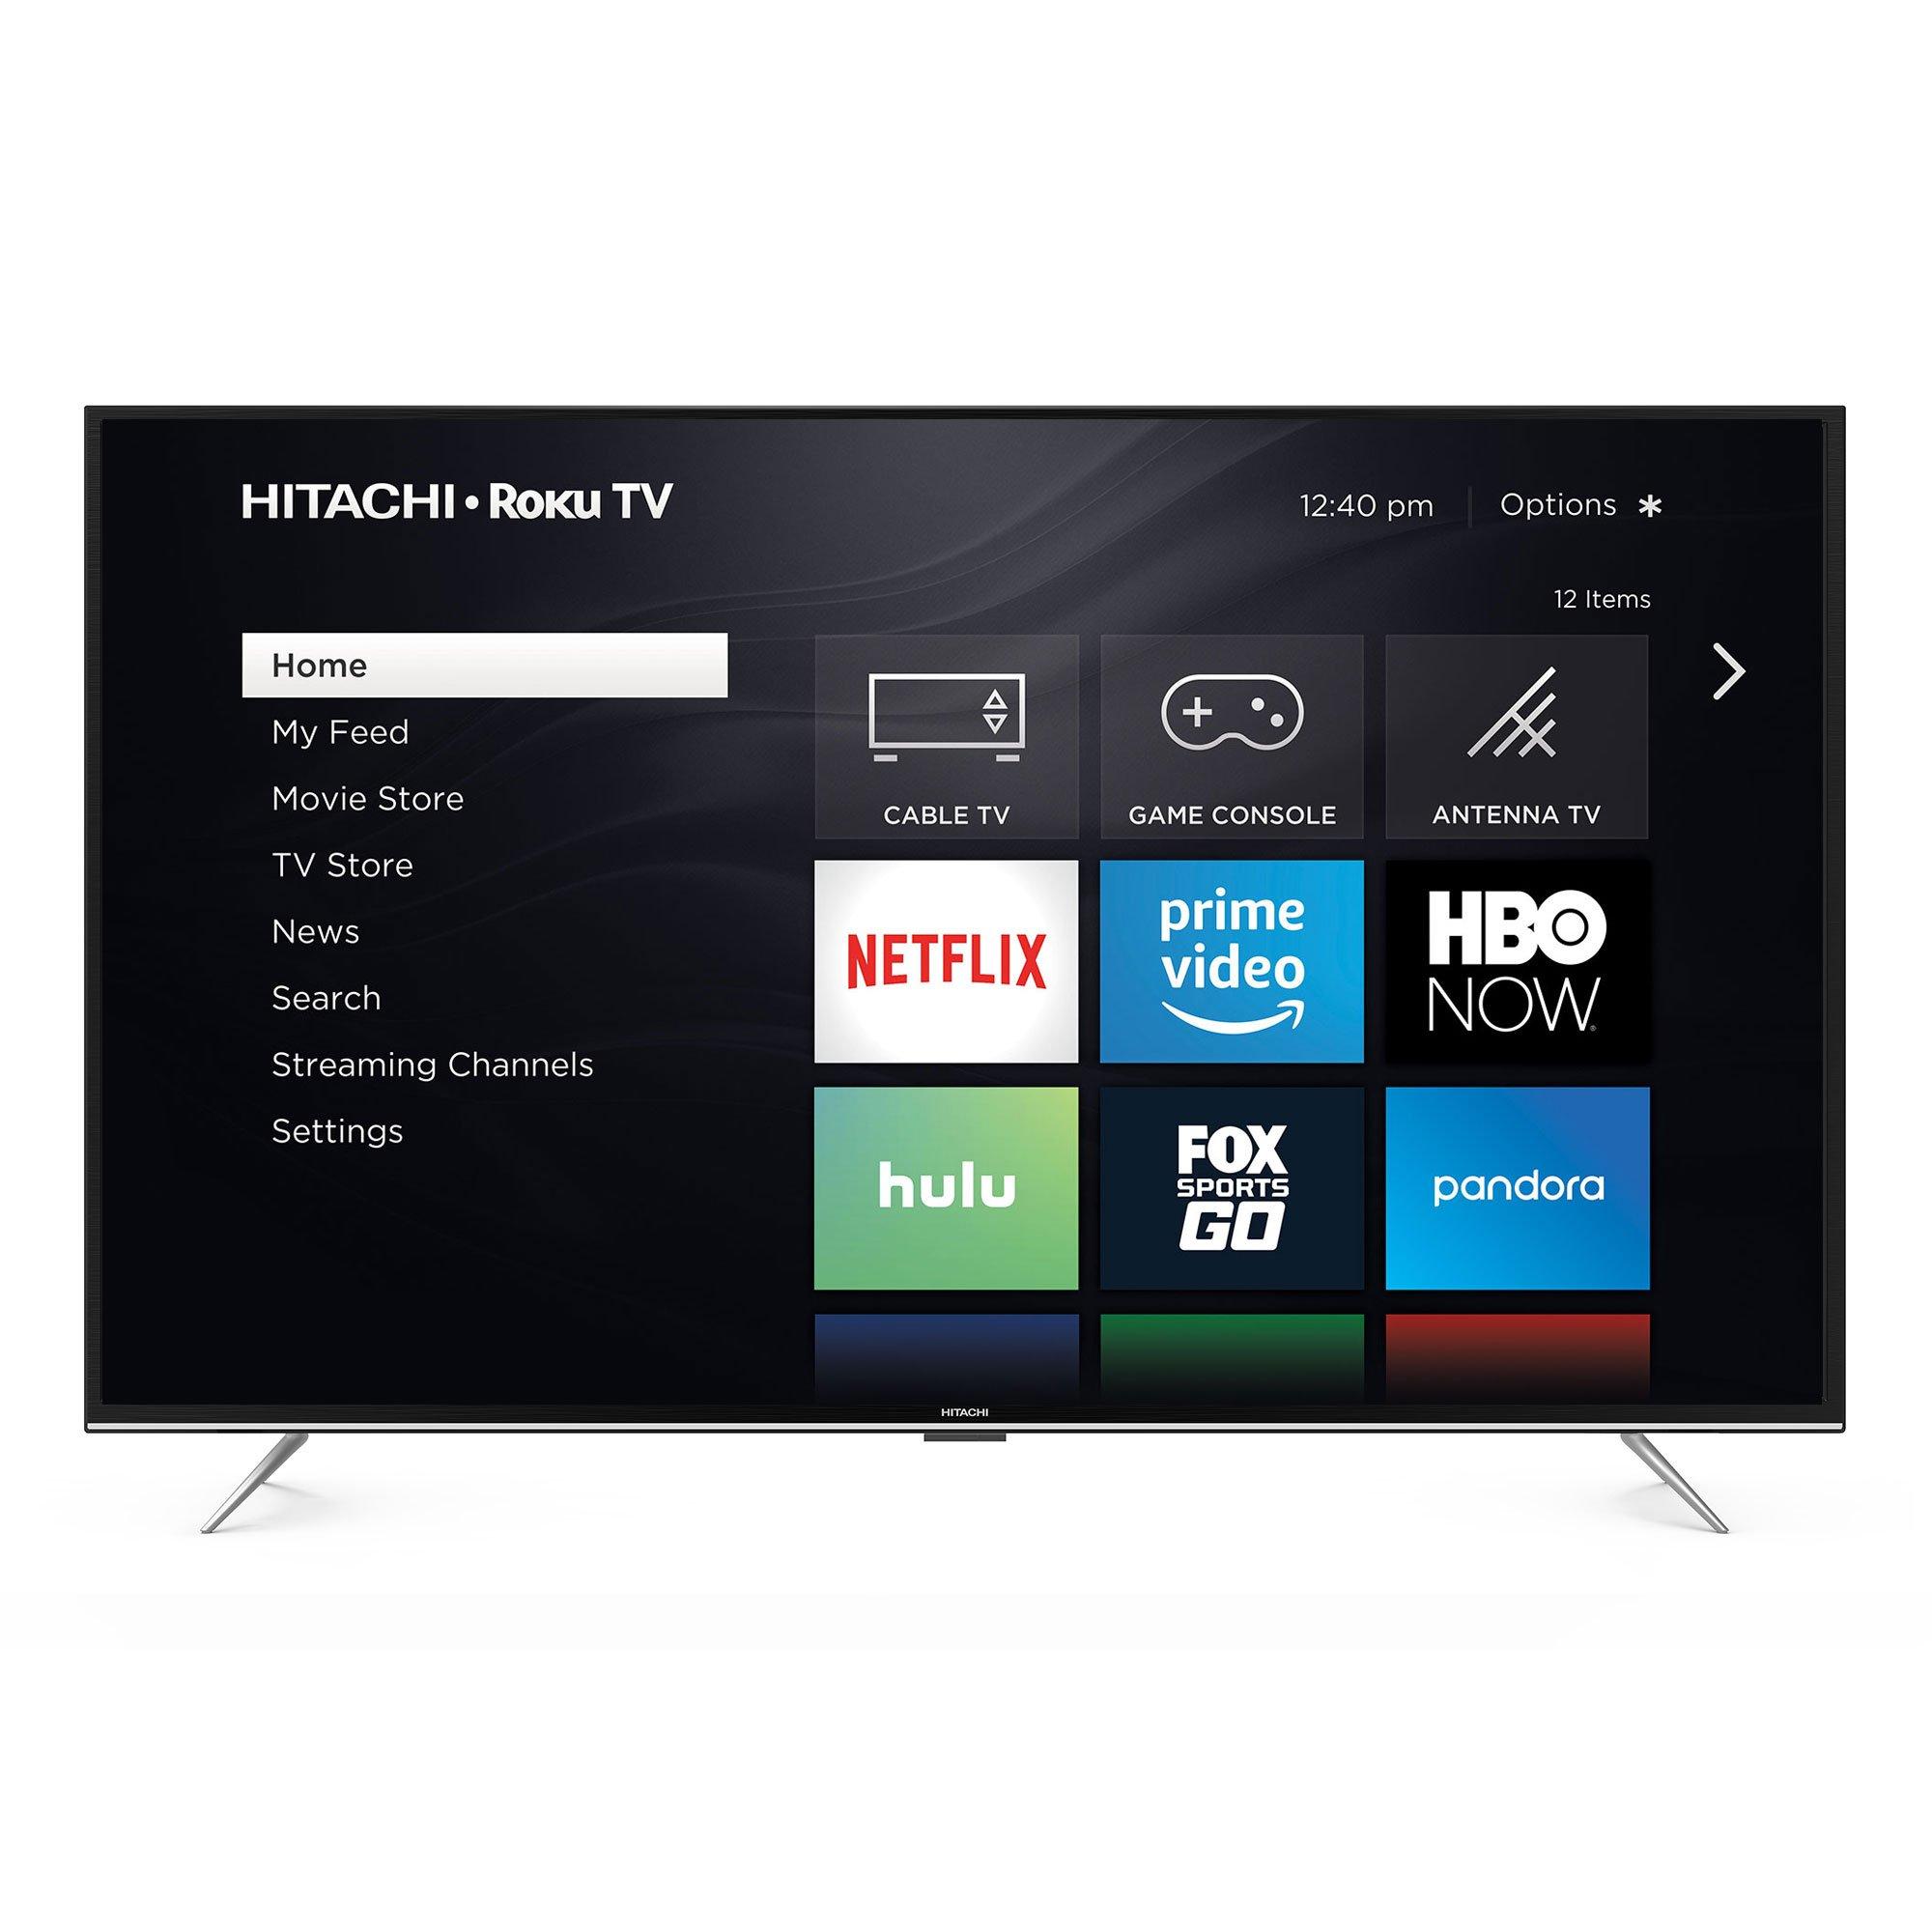 Hitachi Roku Smart LED TV, Black